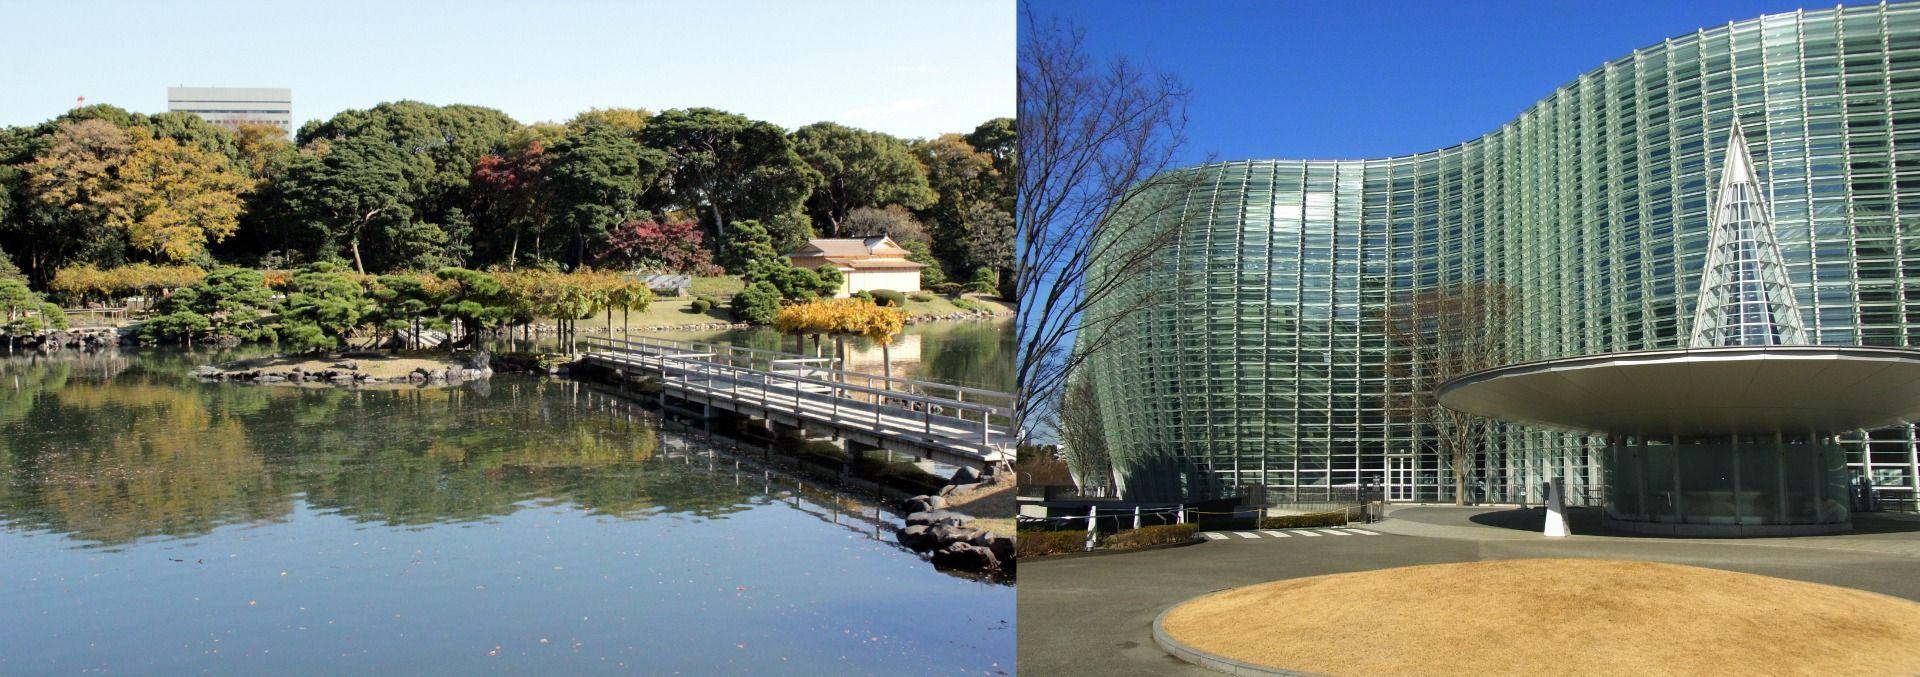 Japan Hamarikyu Garden